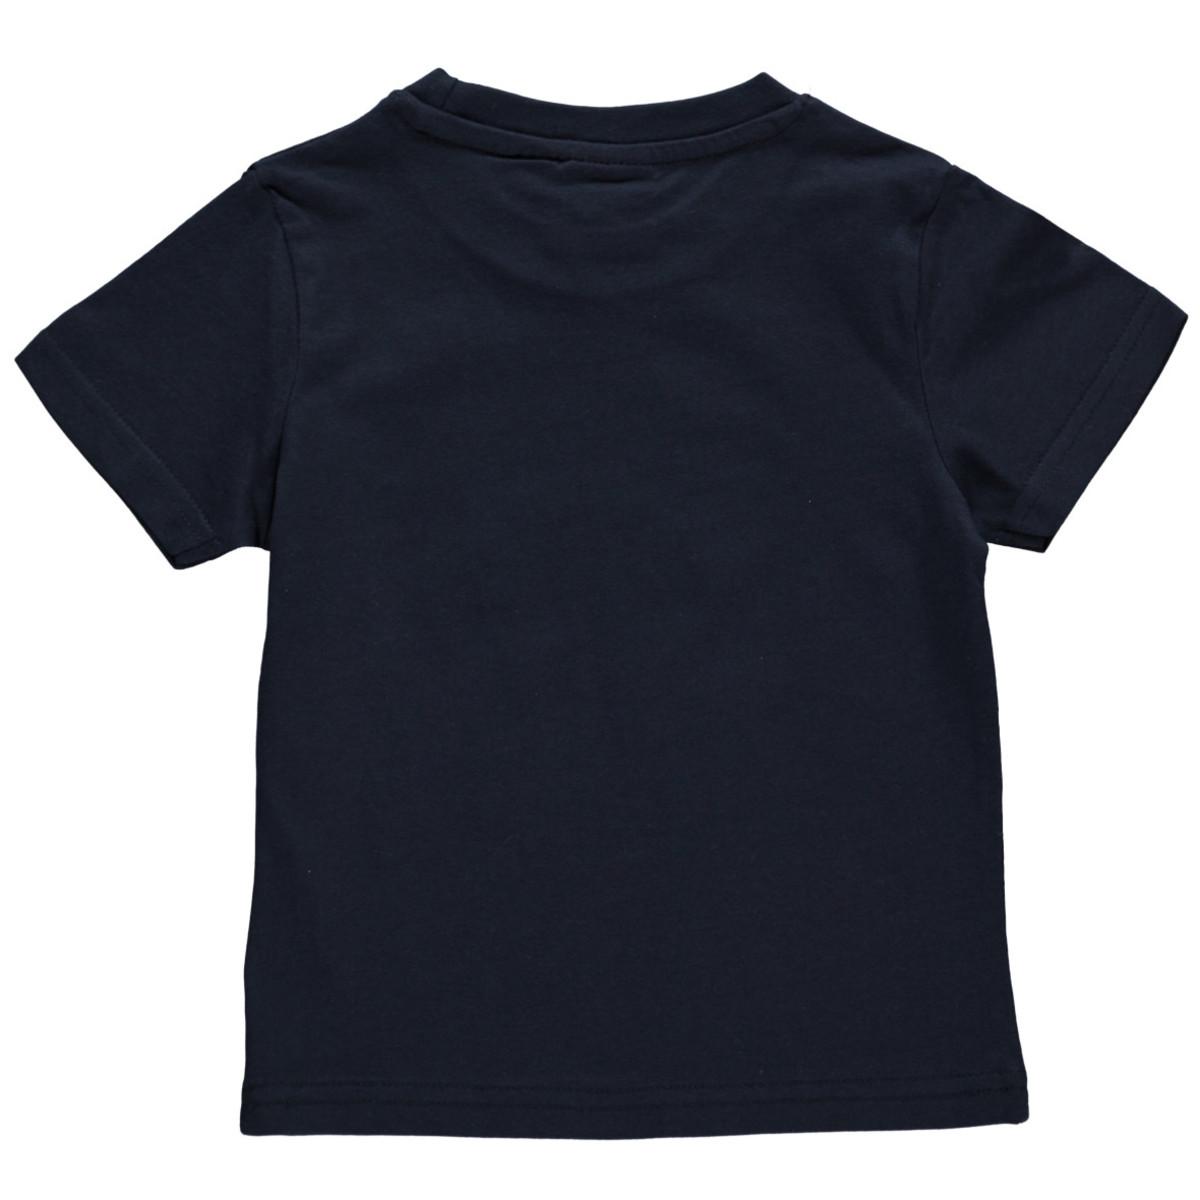 Bild 2 von Jungen Shirt mit Frontprint